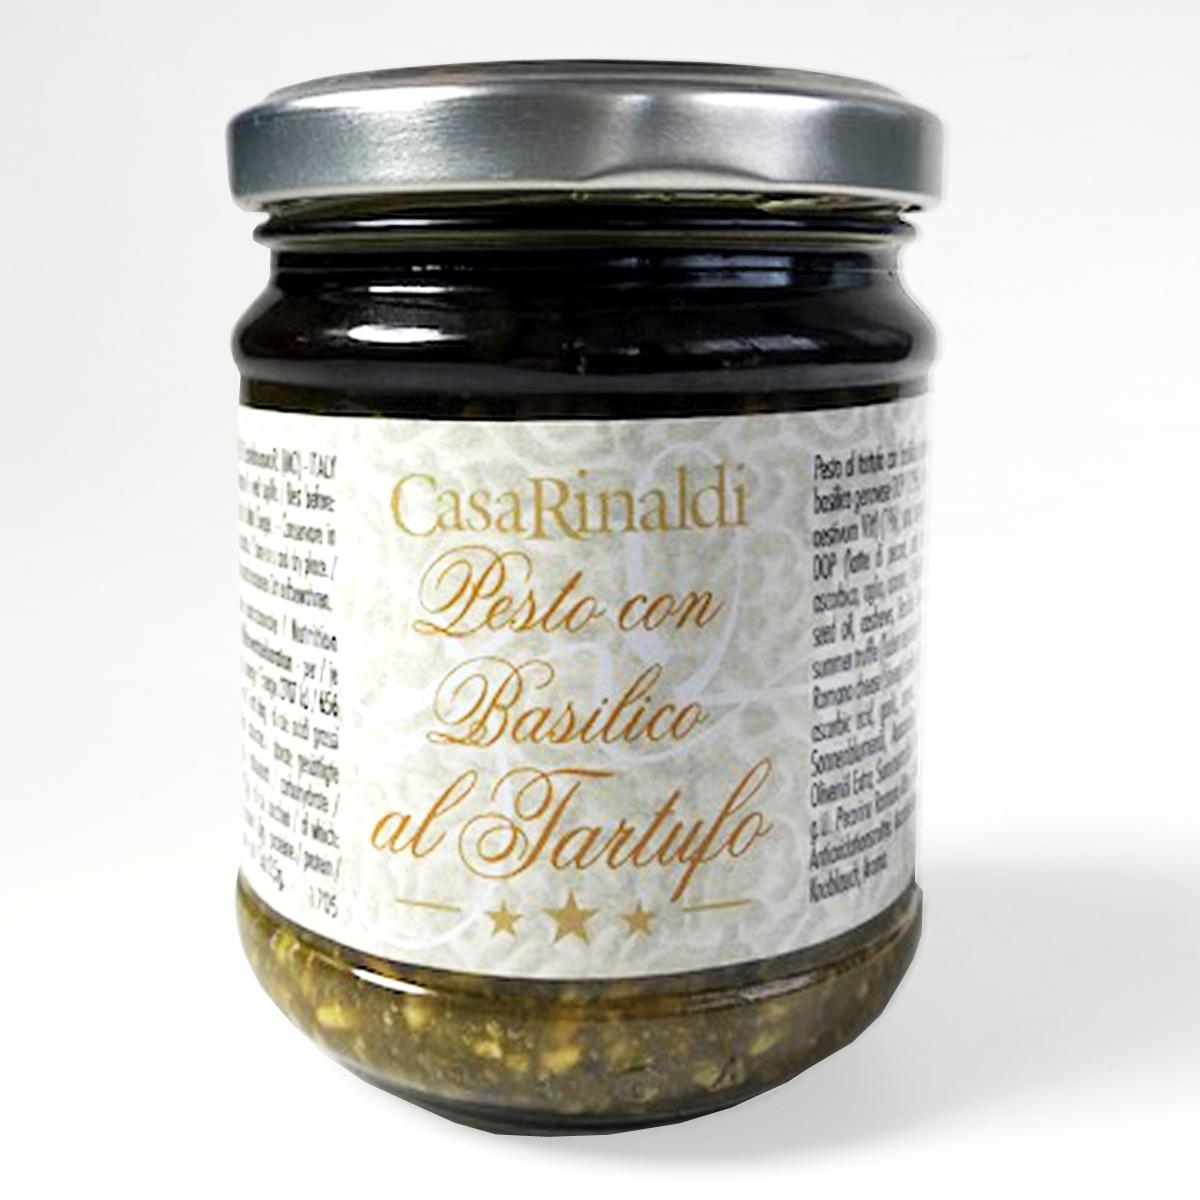 Крем-паста песто Генуя в оливковом масле с трюфелем